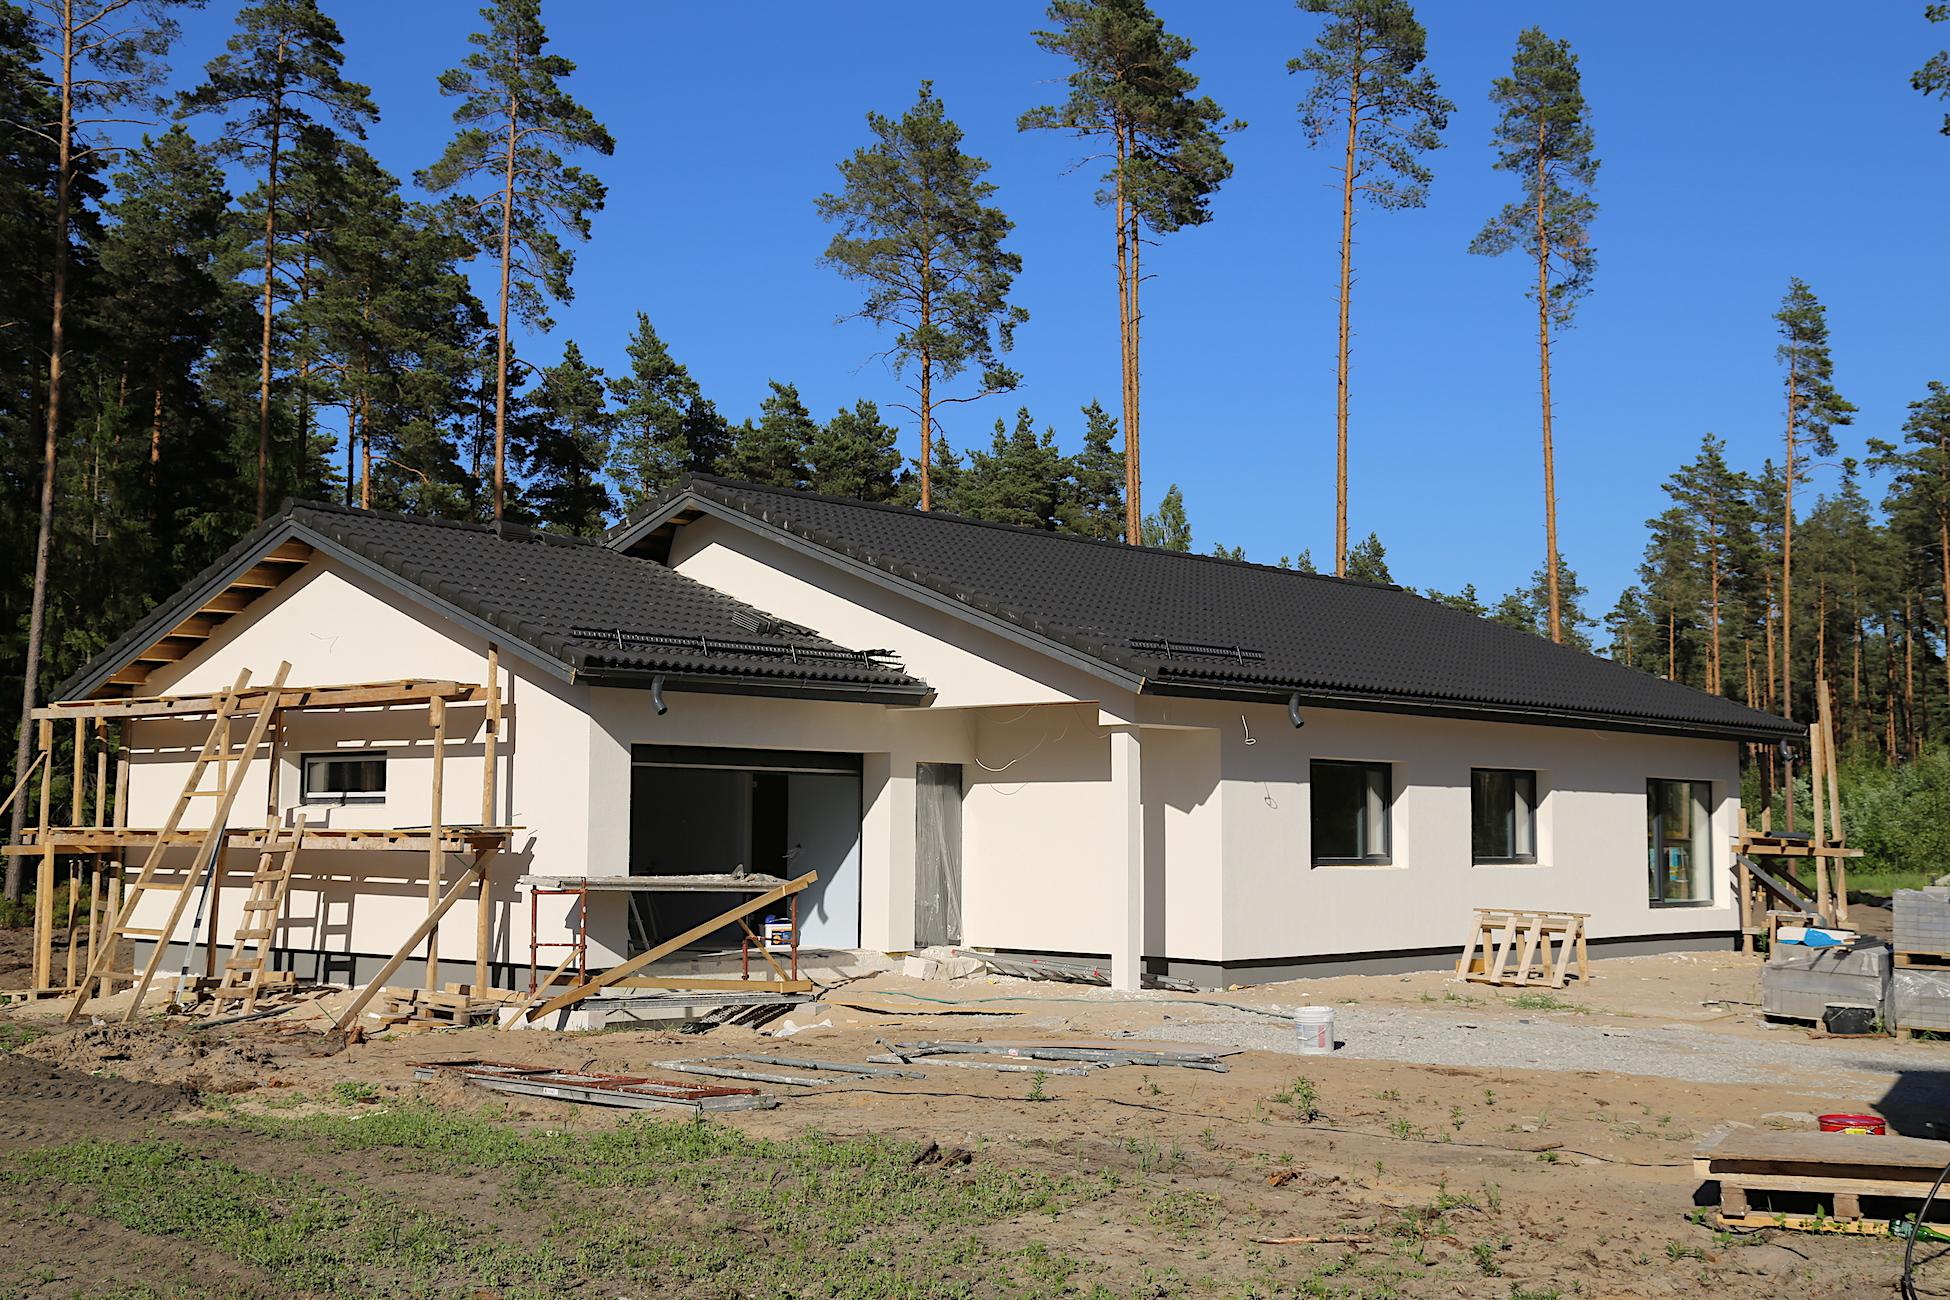 21a9f80fa16 Randivälja 12, uus maja müük Pärnu linn Margus Laidna, Lunapolis kinnisvara  1I0A1515